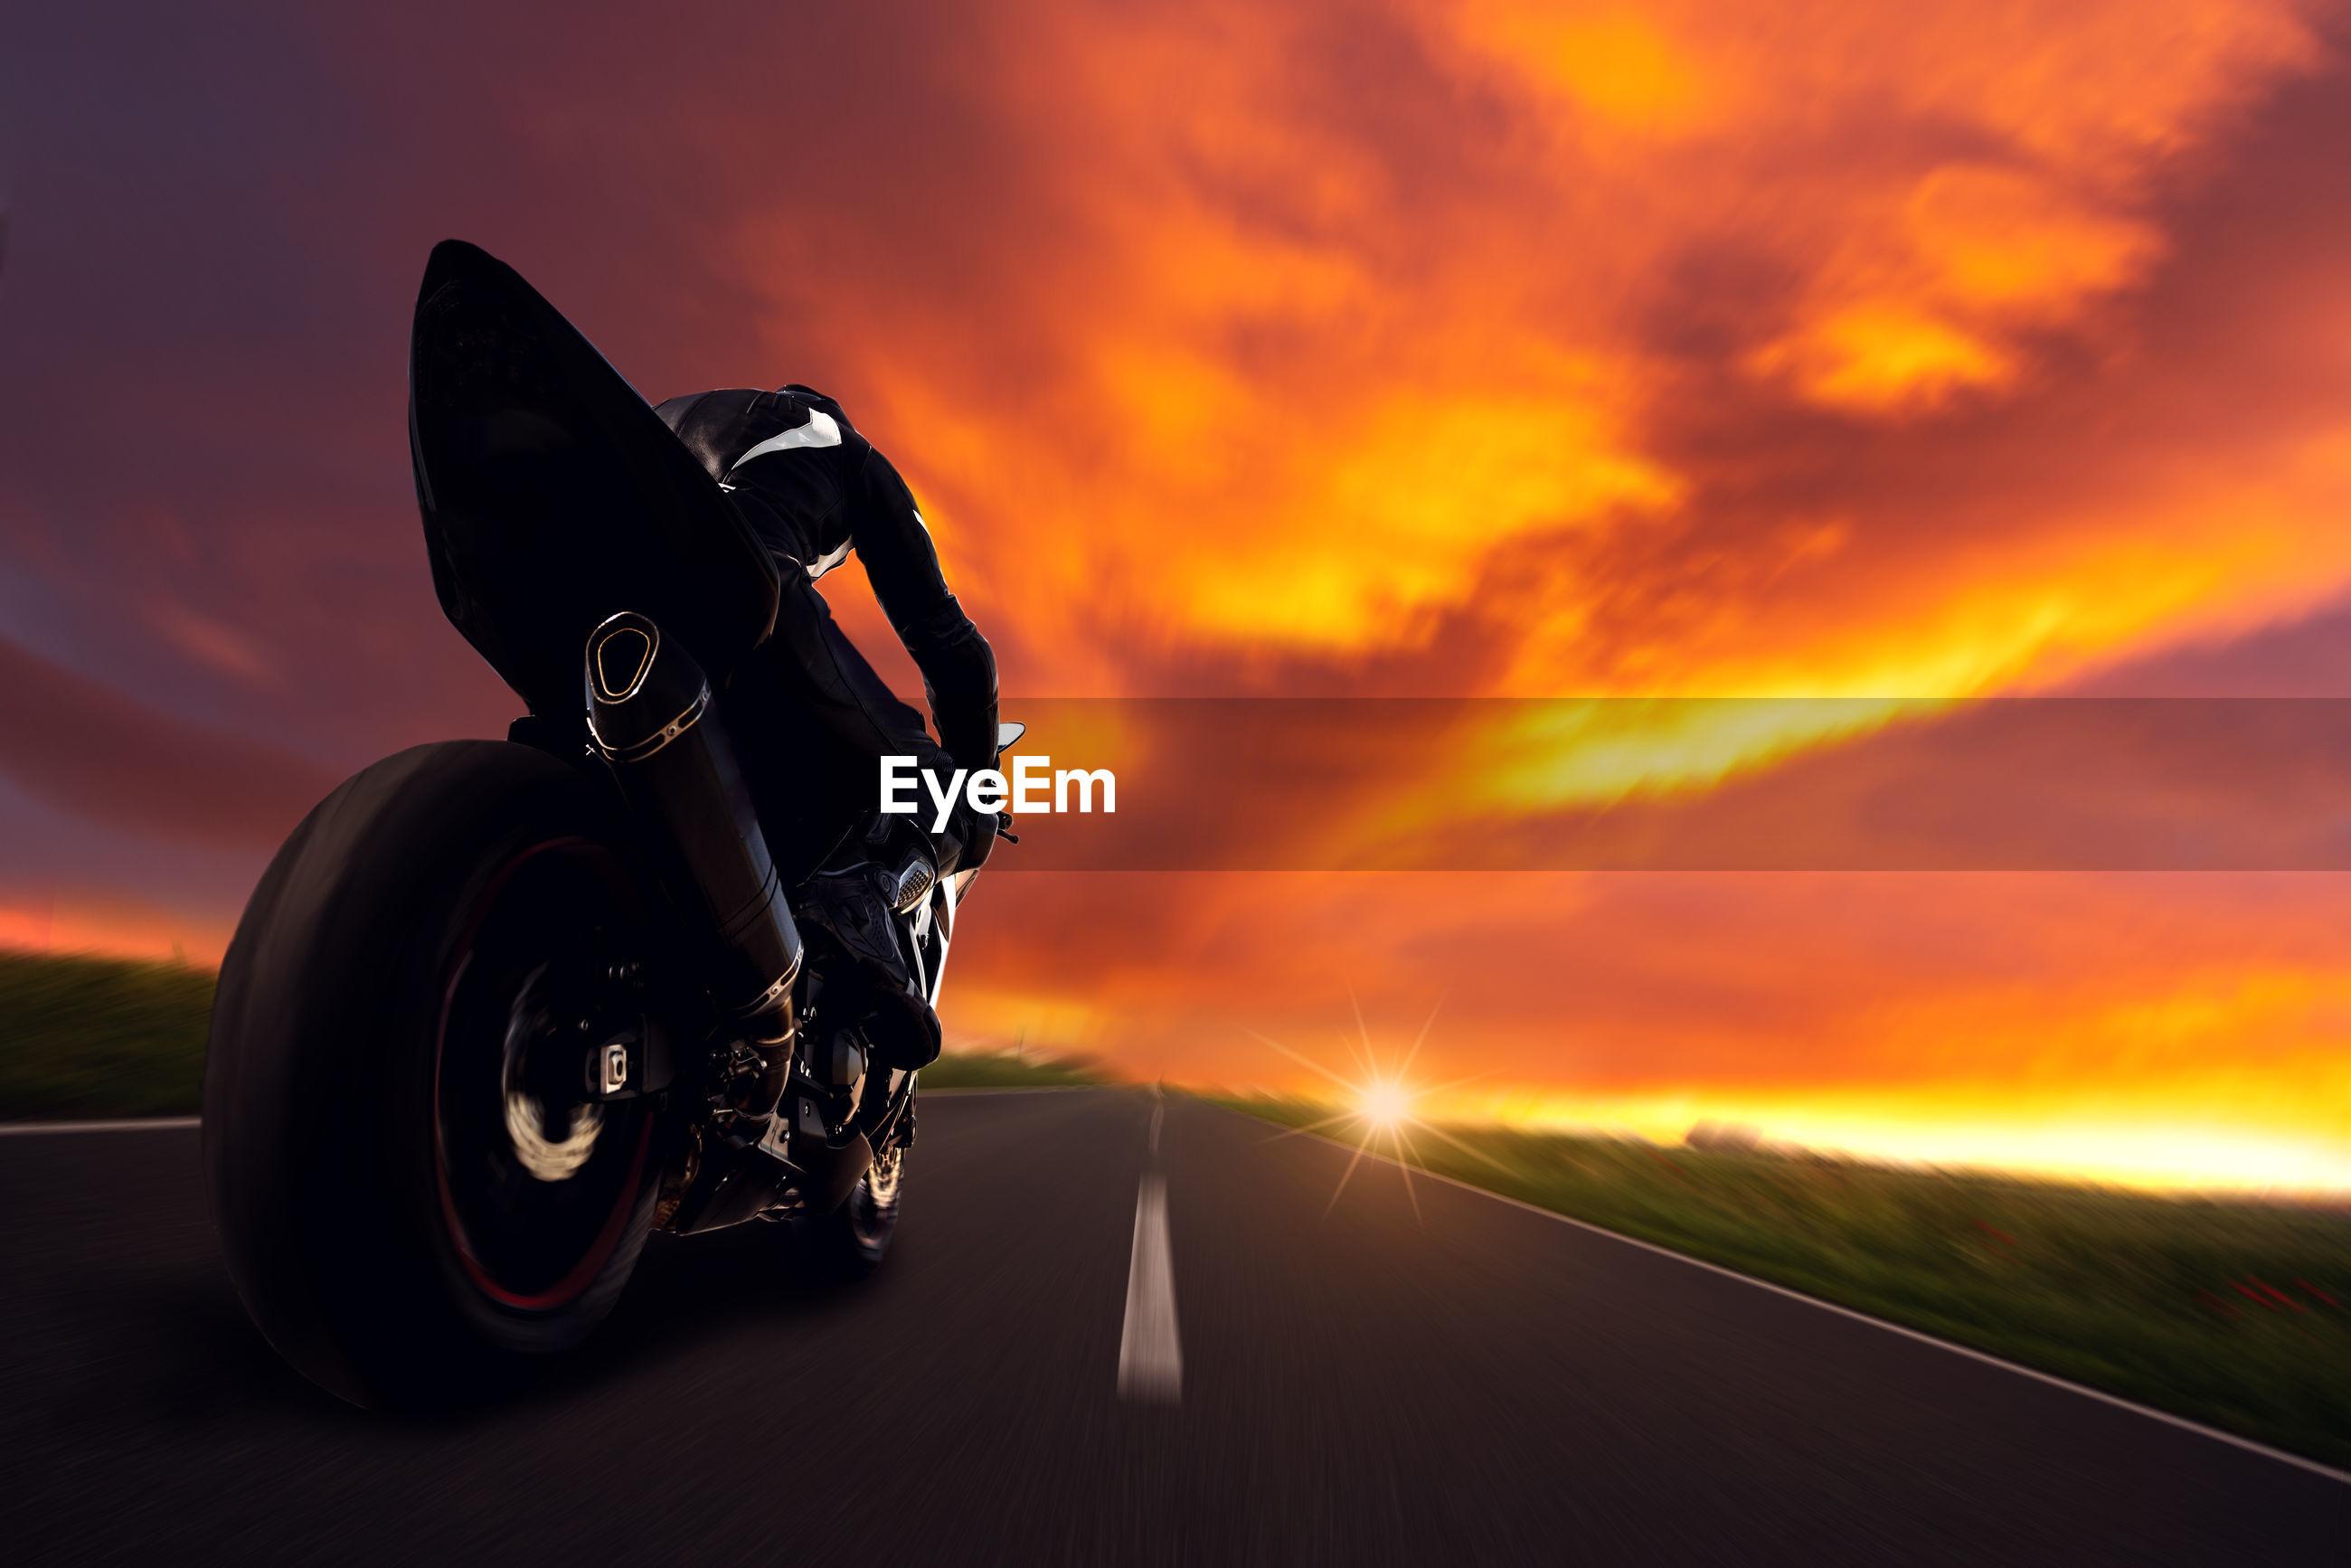 MOTORCYCLE ON ROAD AGAINST ORANGE SKY